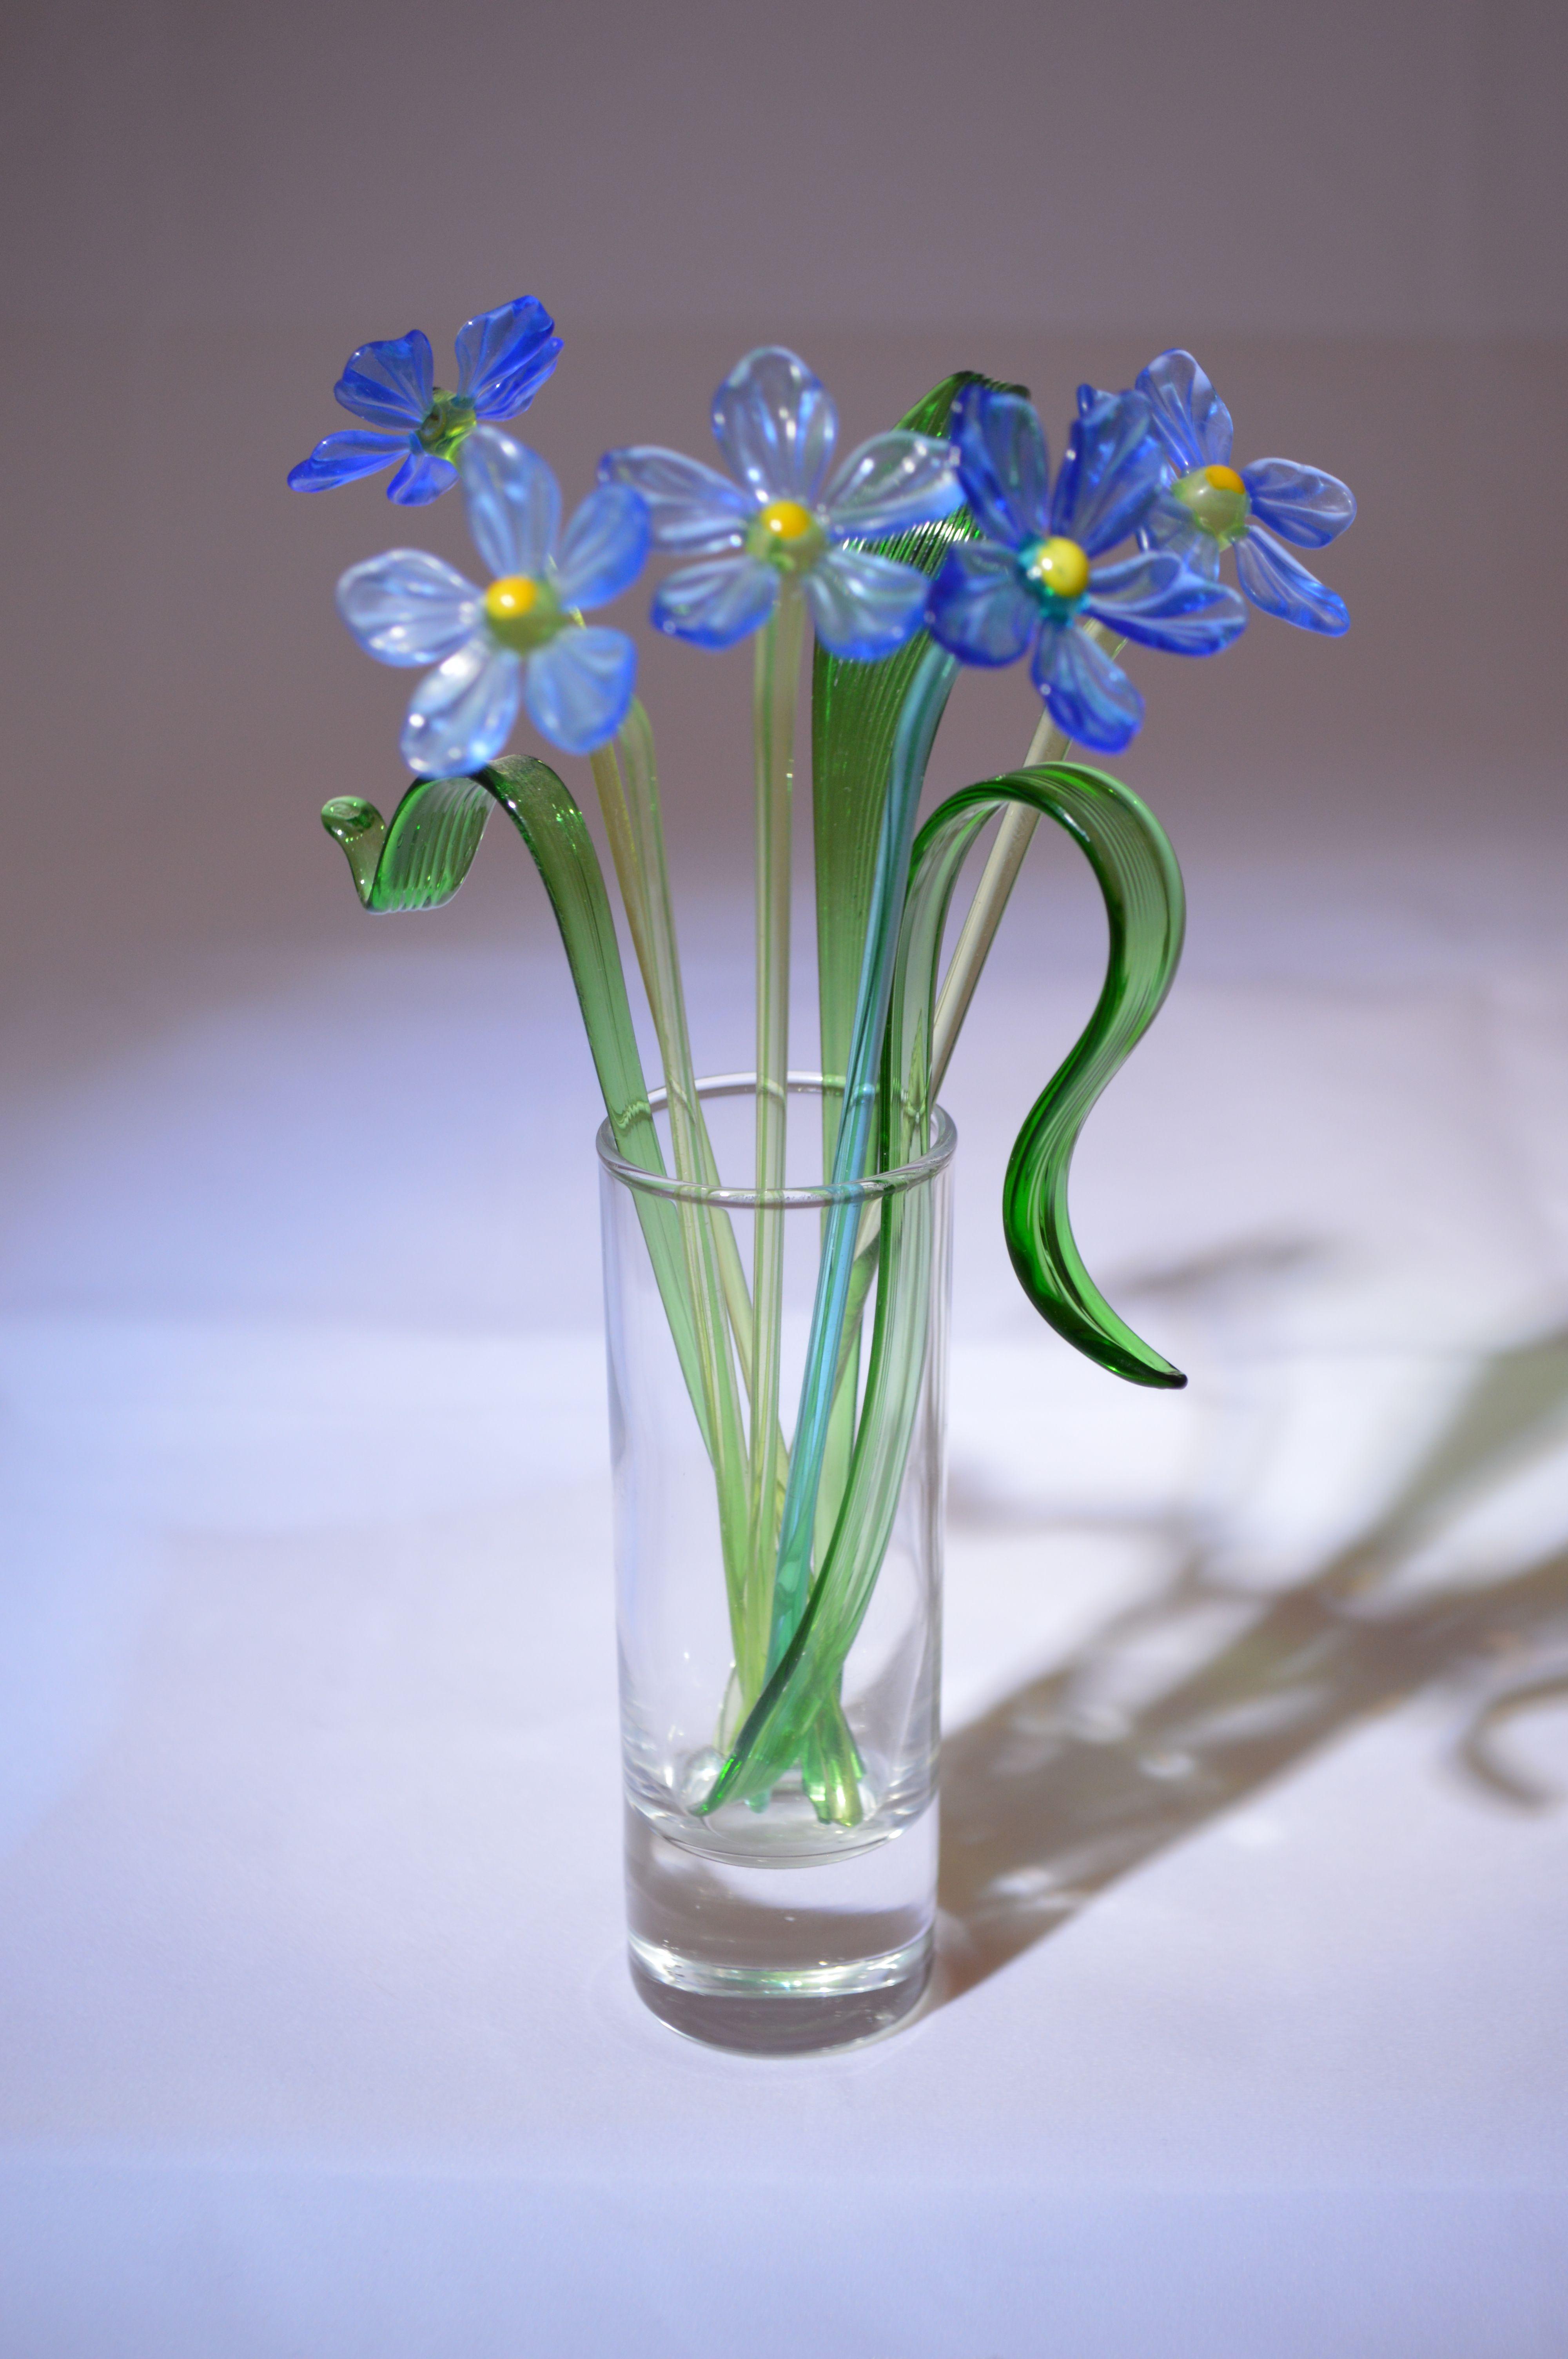 Букет из пяти синих цветков в вазочке, цветное стекло от Ravta